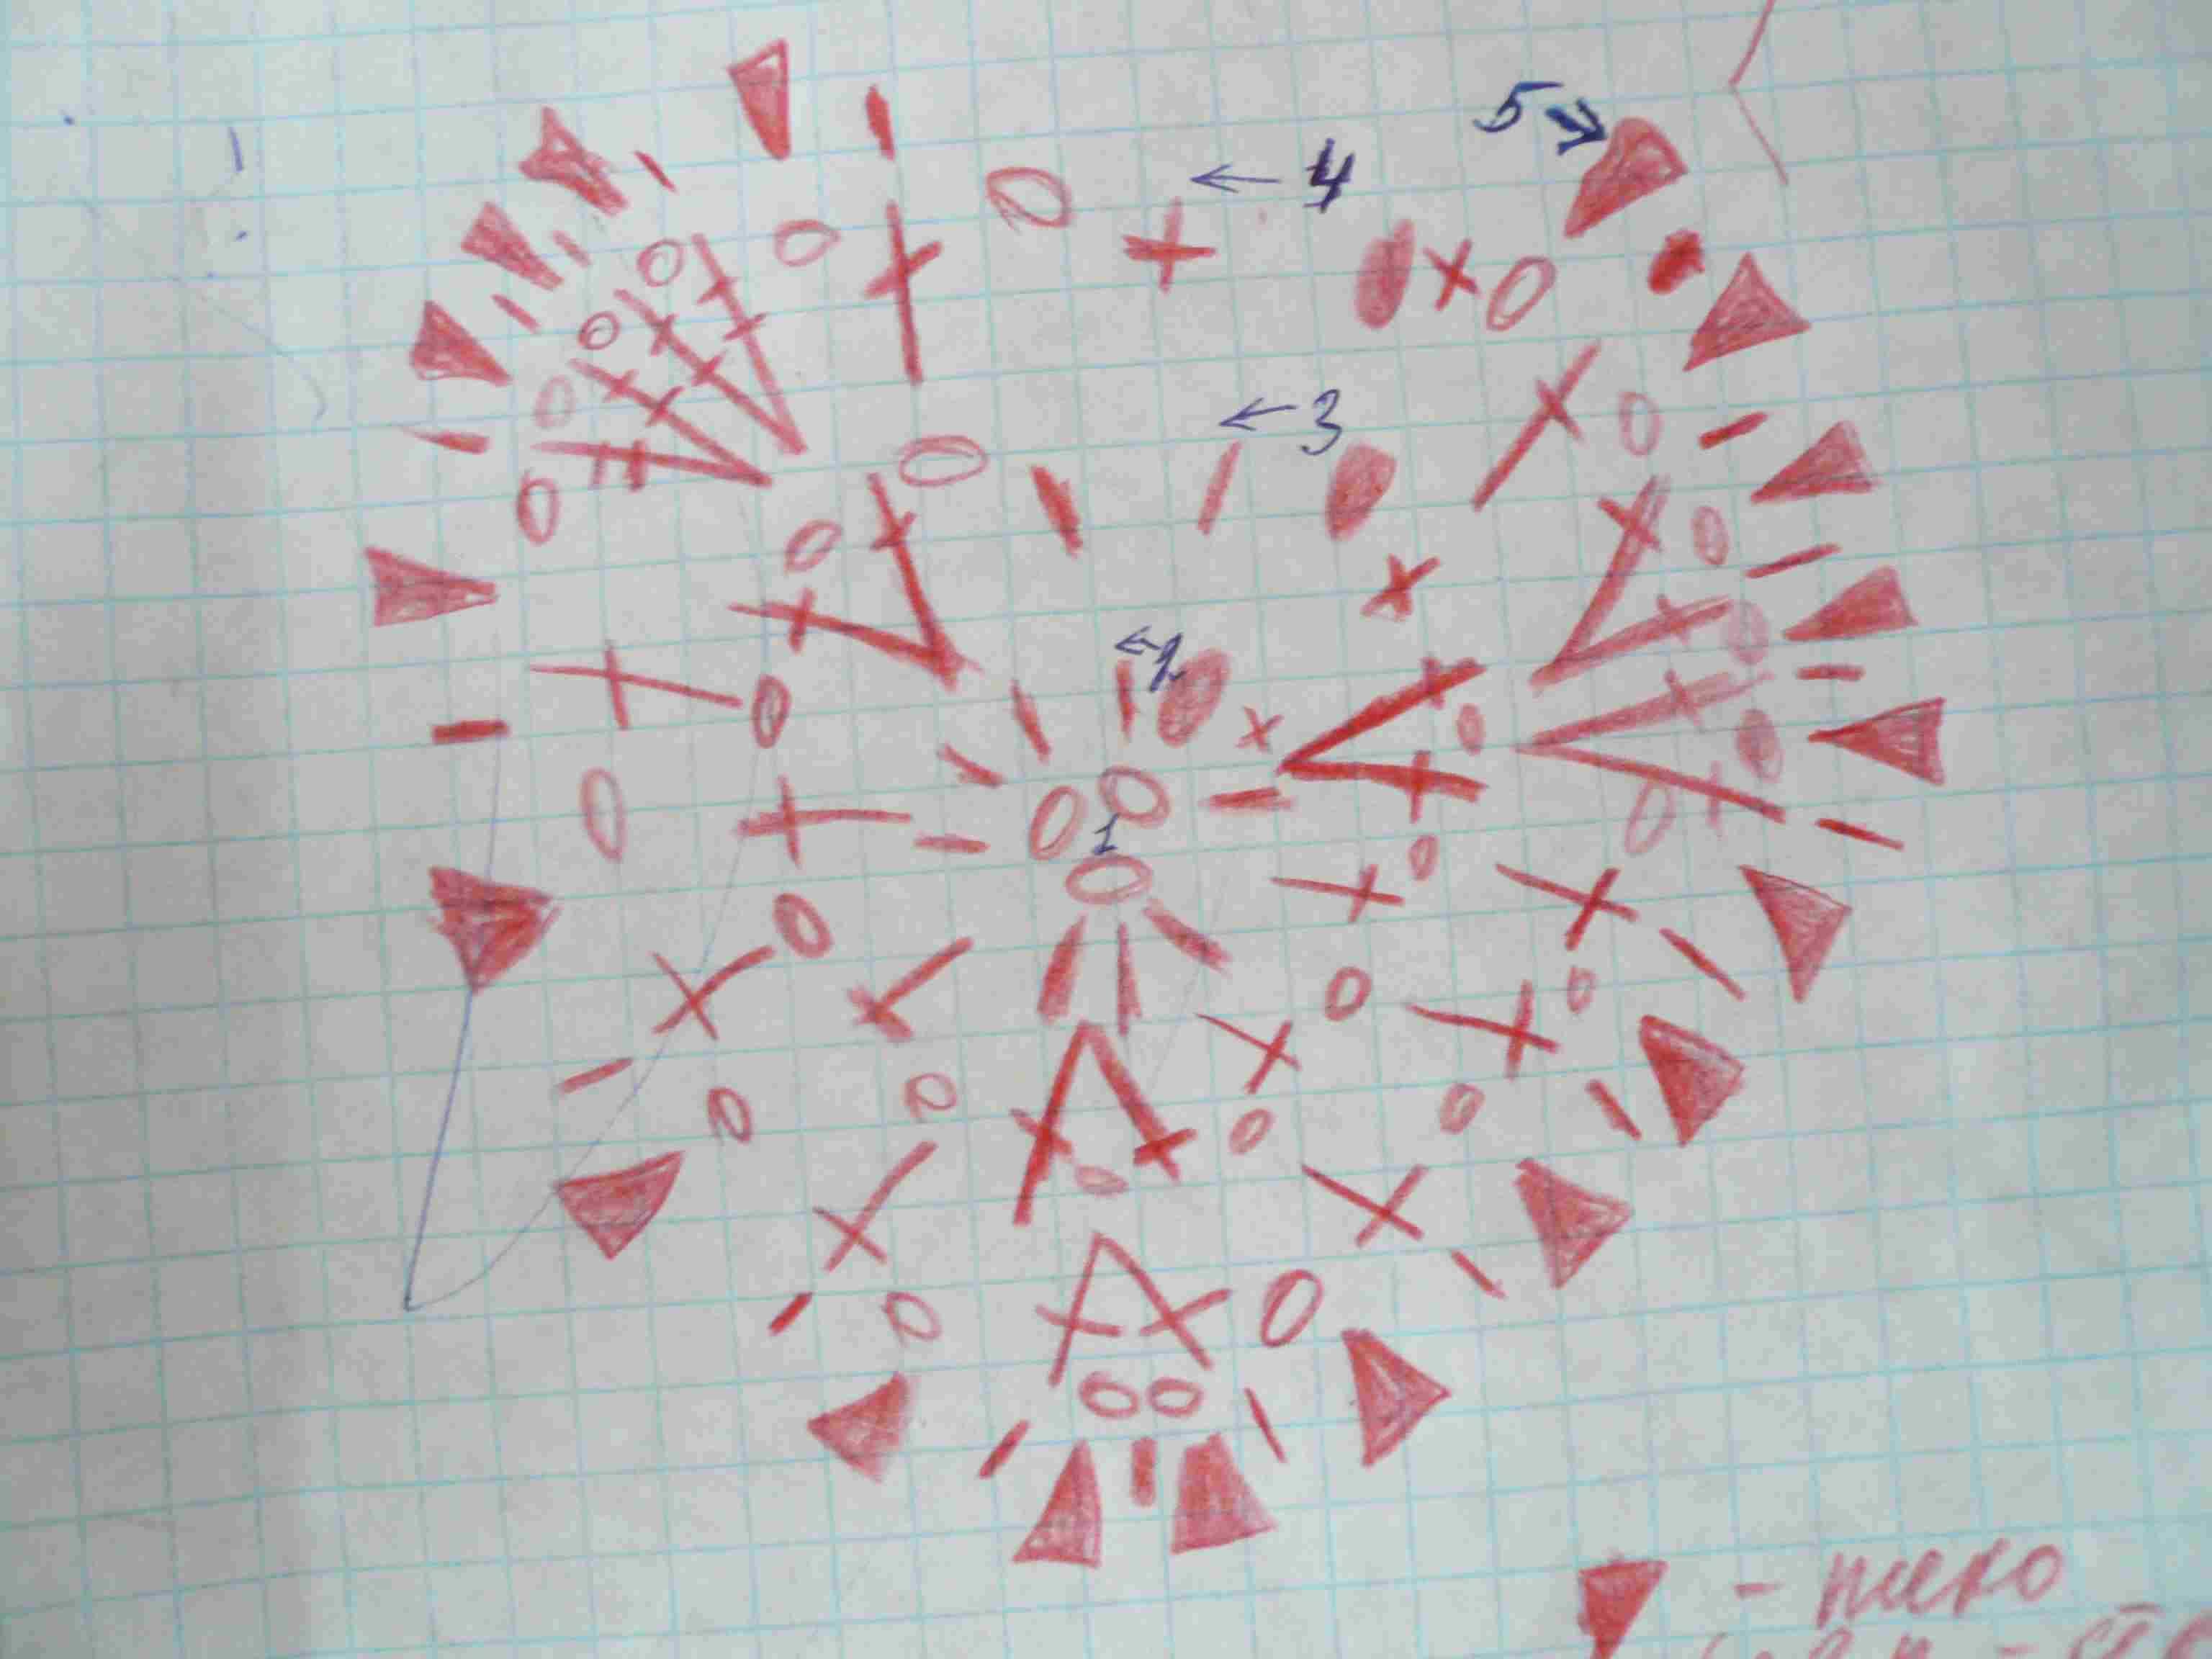 Делаем 3 петли подъема, вяжем в кольцо 11 столбиков с накидом.